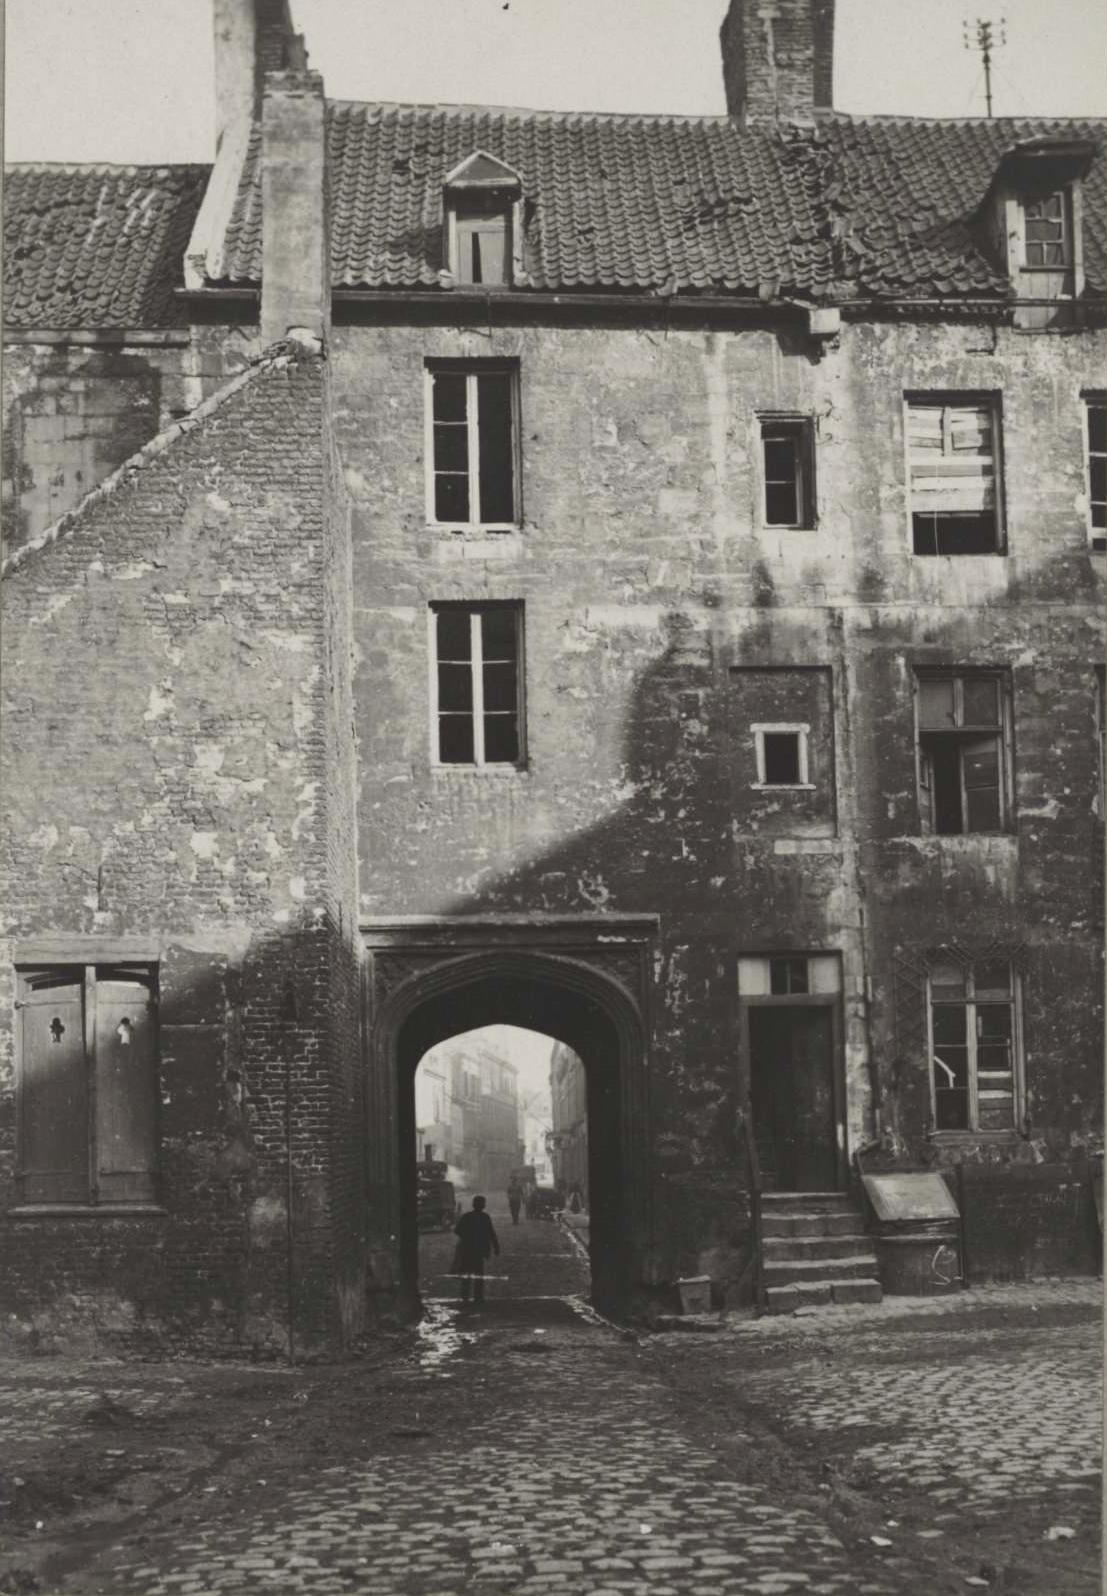 Calais 14 18 bombardements mars 1918 cour interieure ancien hotel de guise